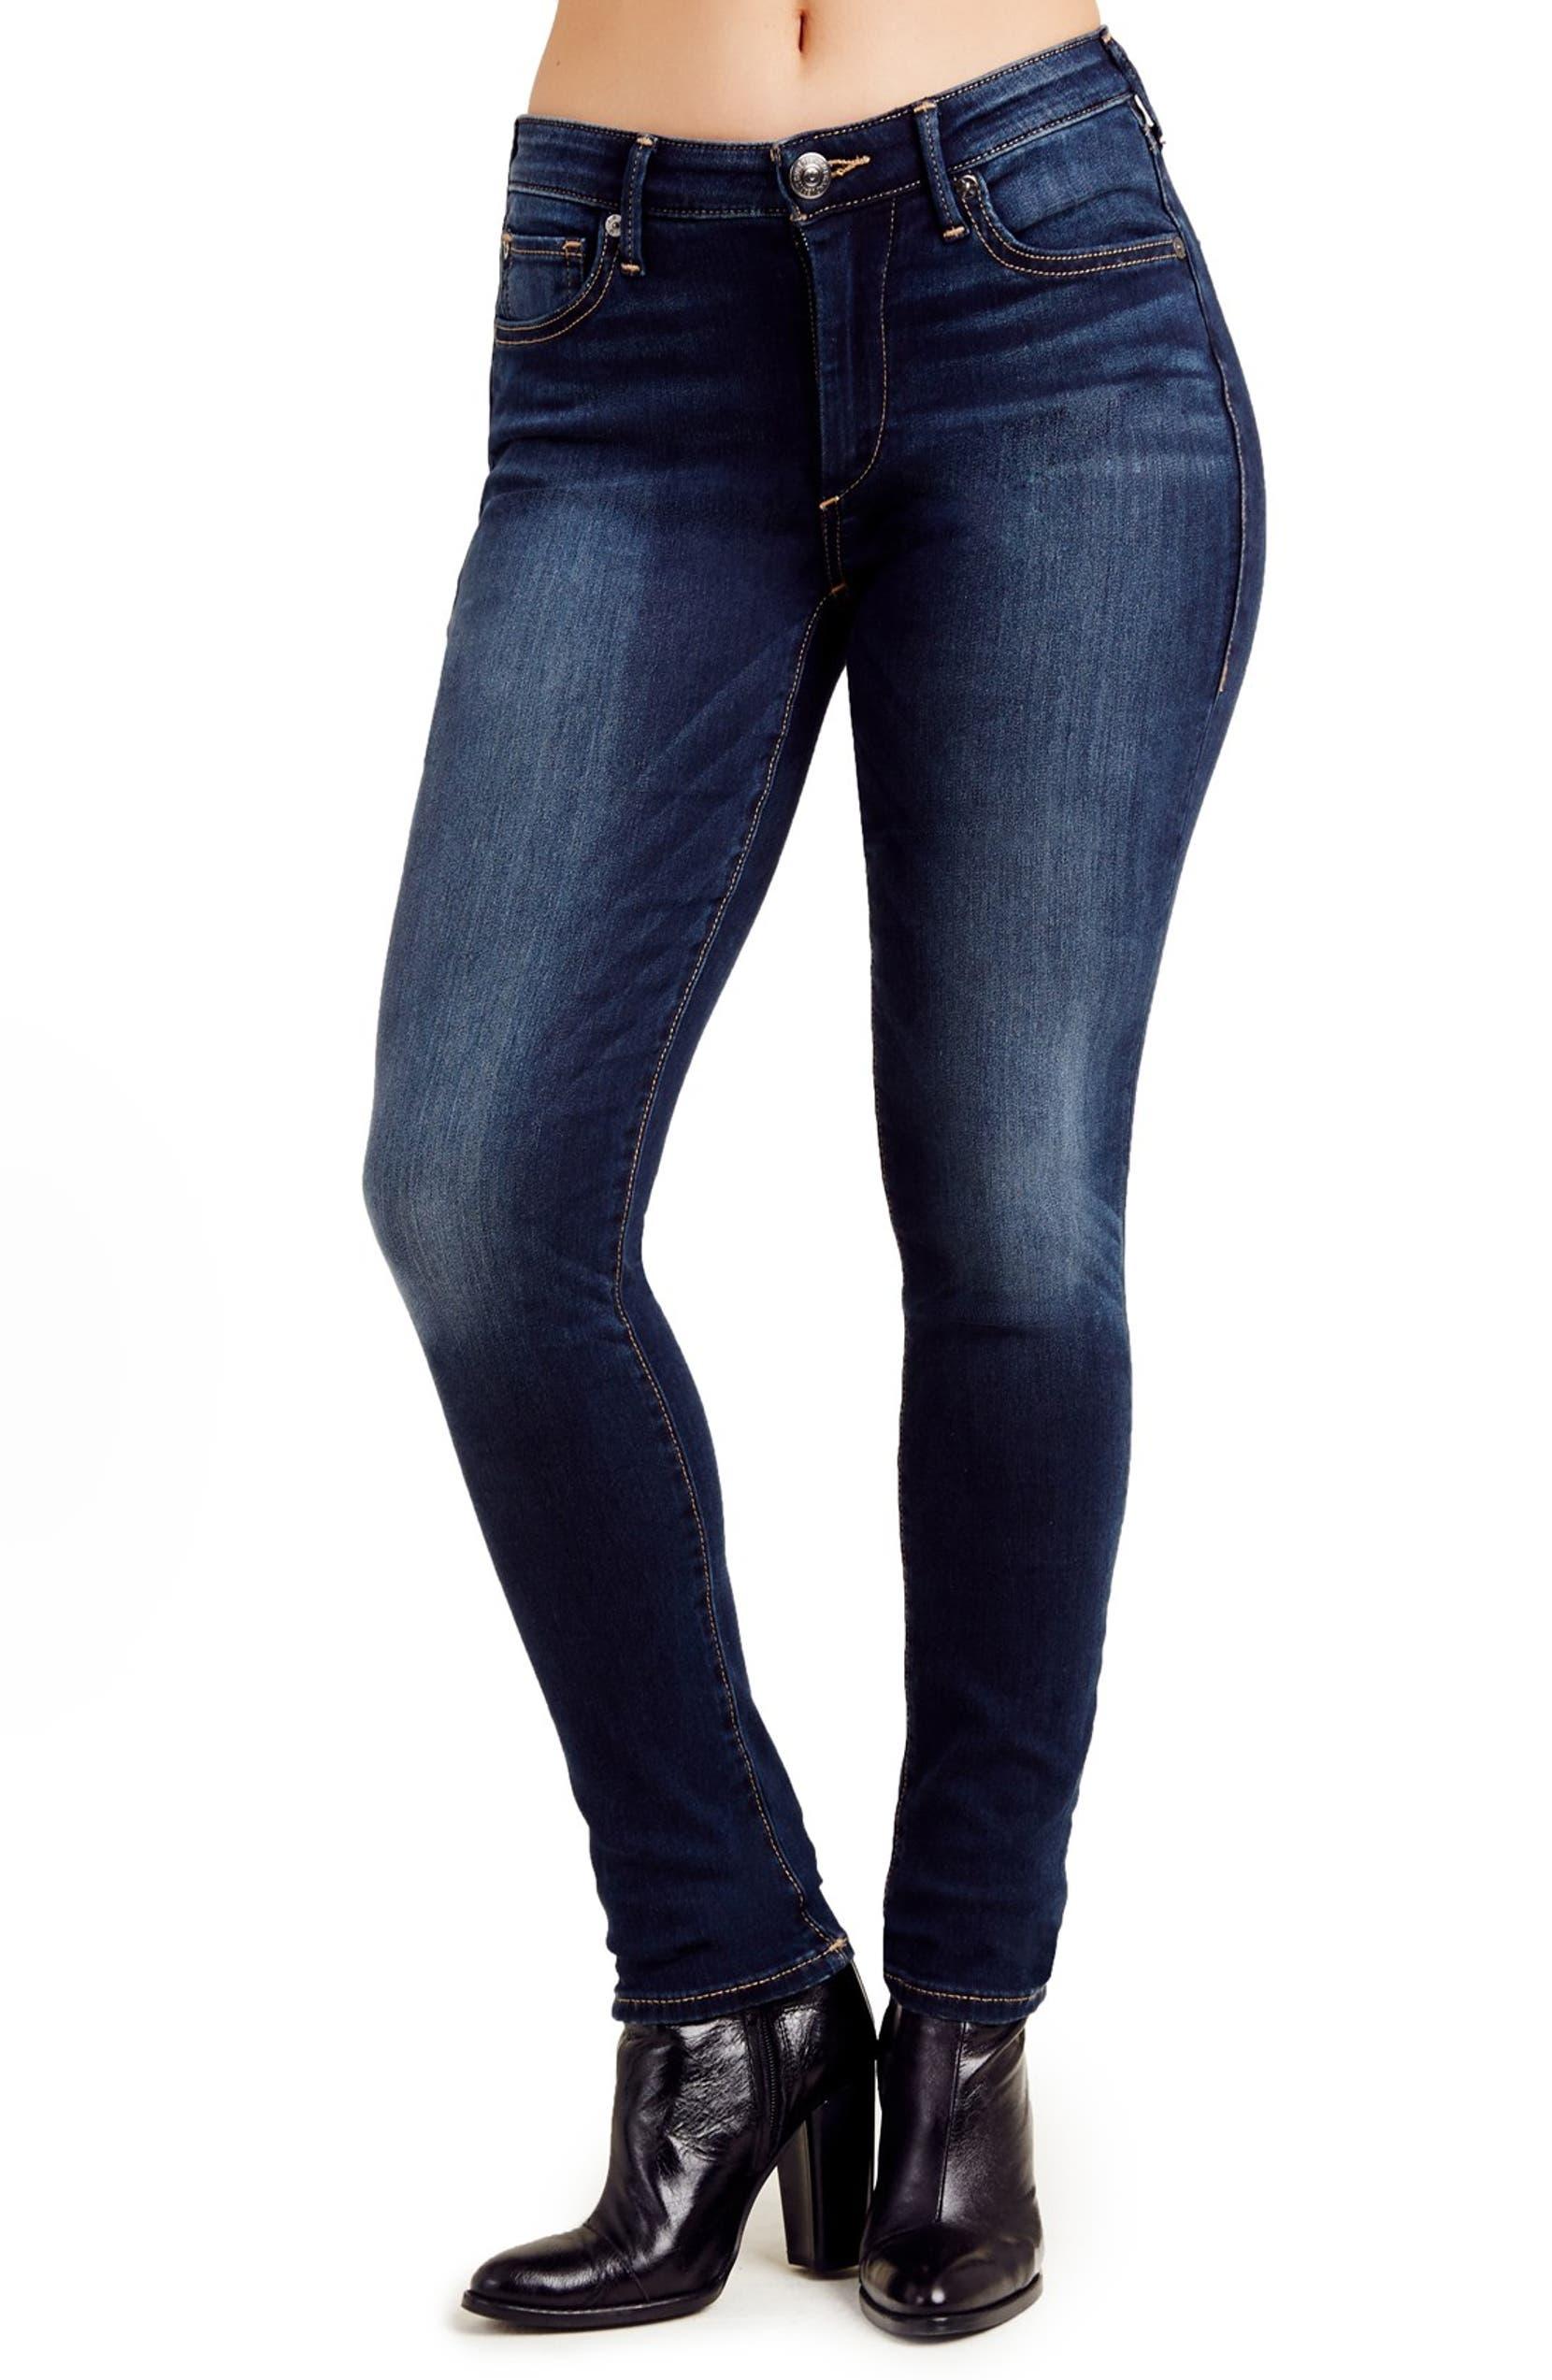 c039bac68f8 True Religion Jeans Jennie Curvy Skinny Jeans